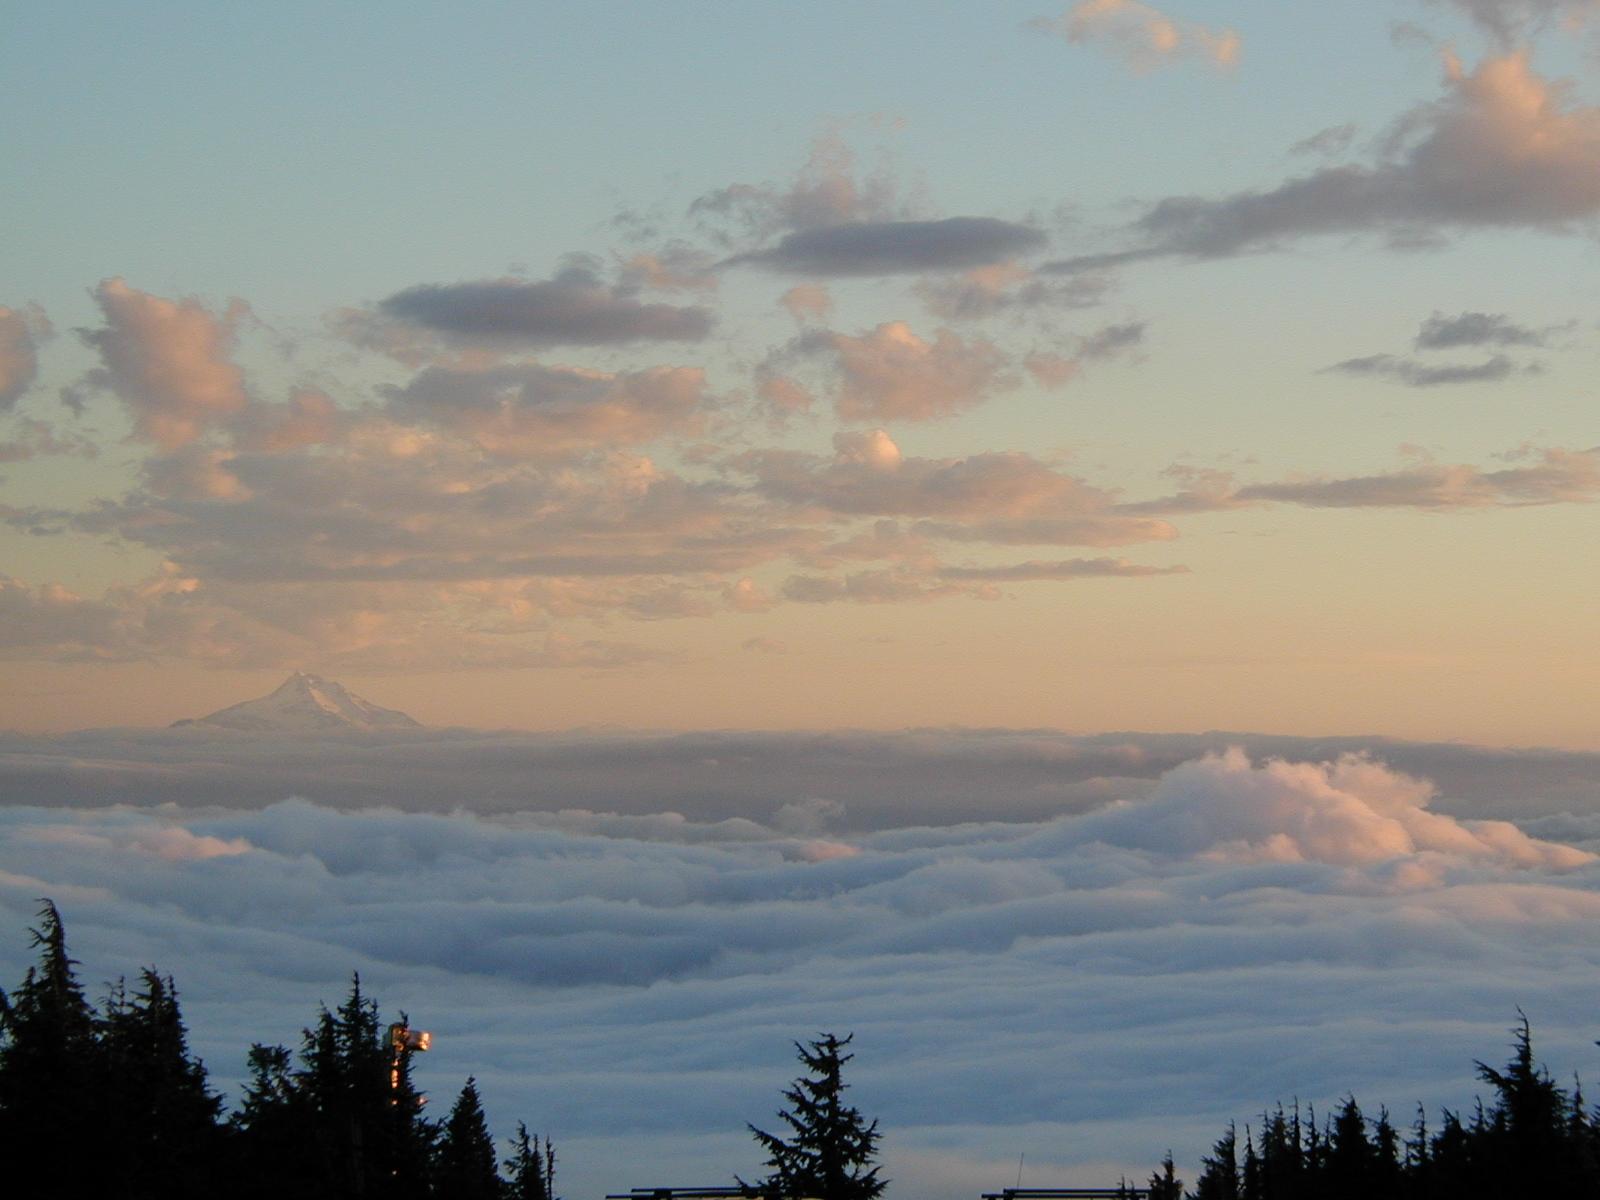 Cloud Shrouded World